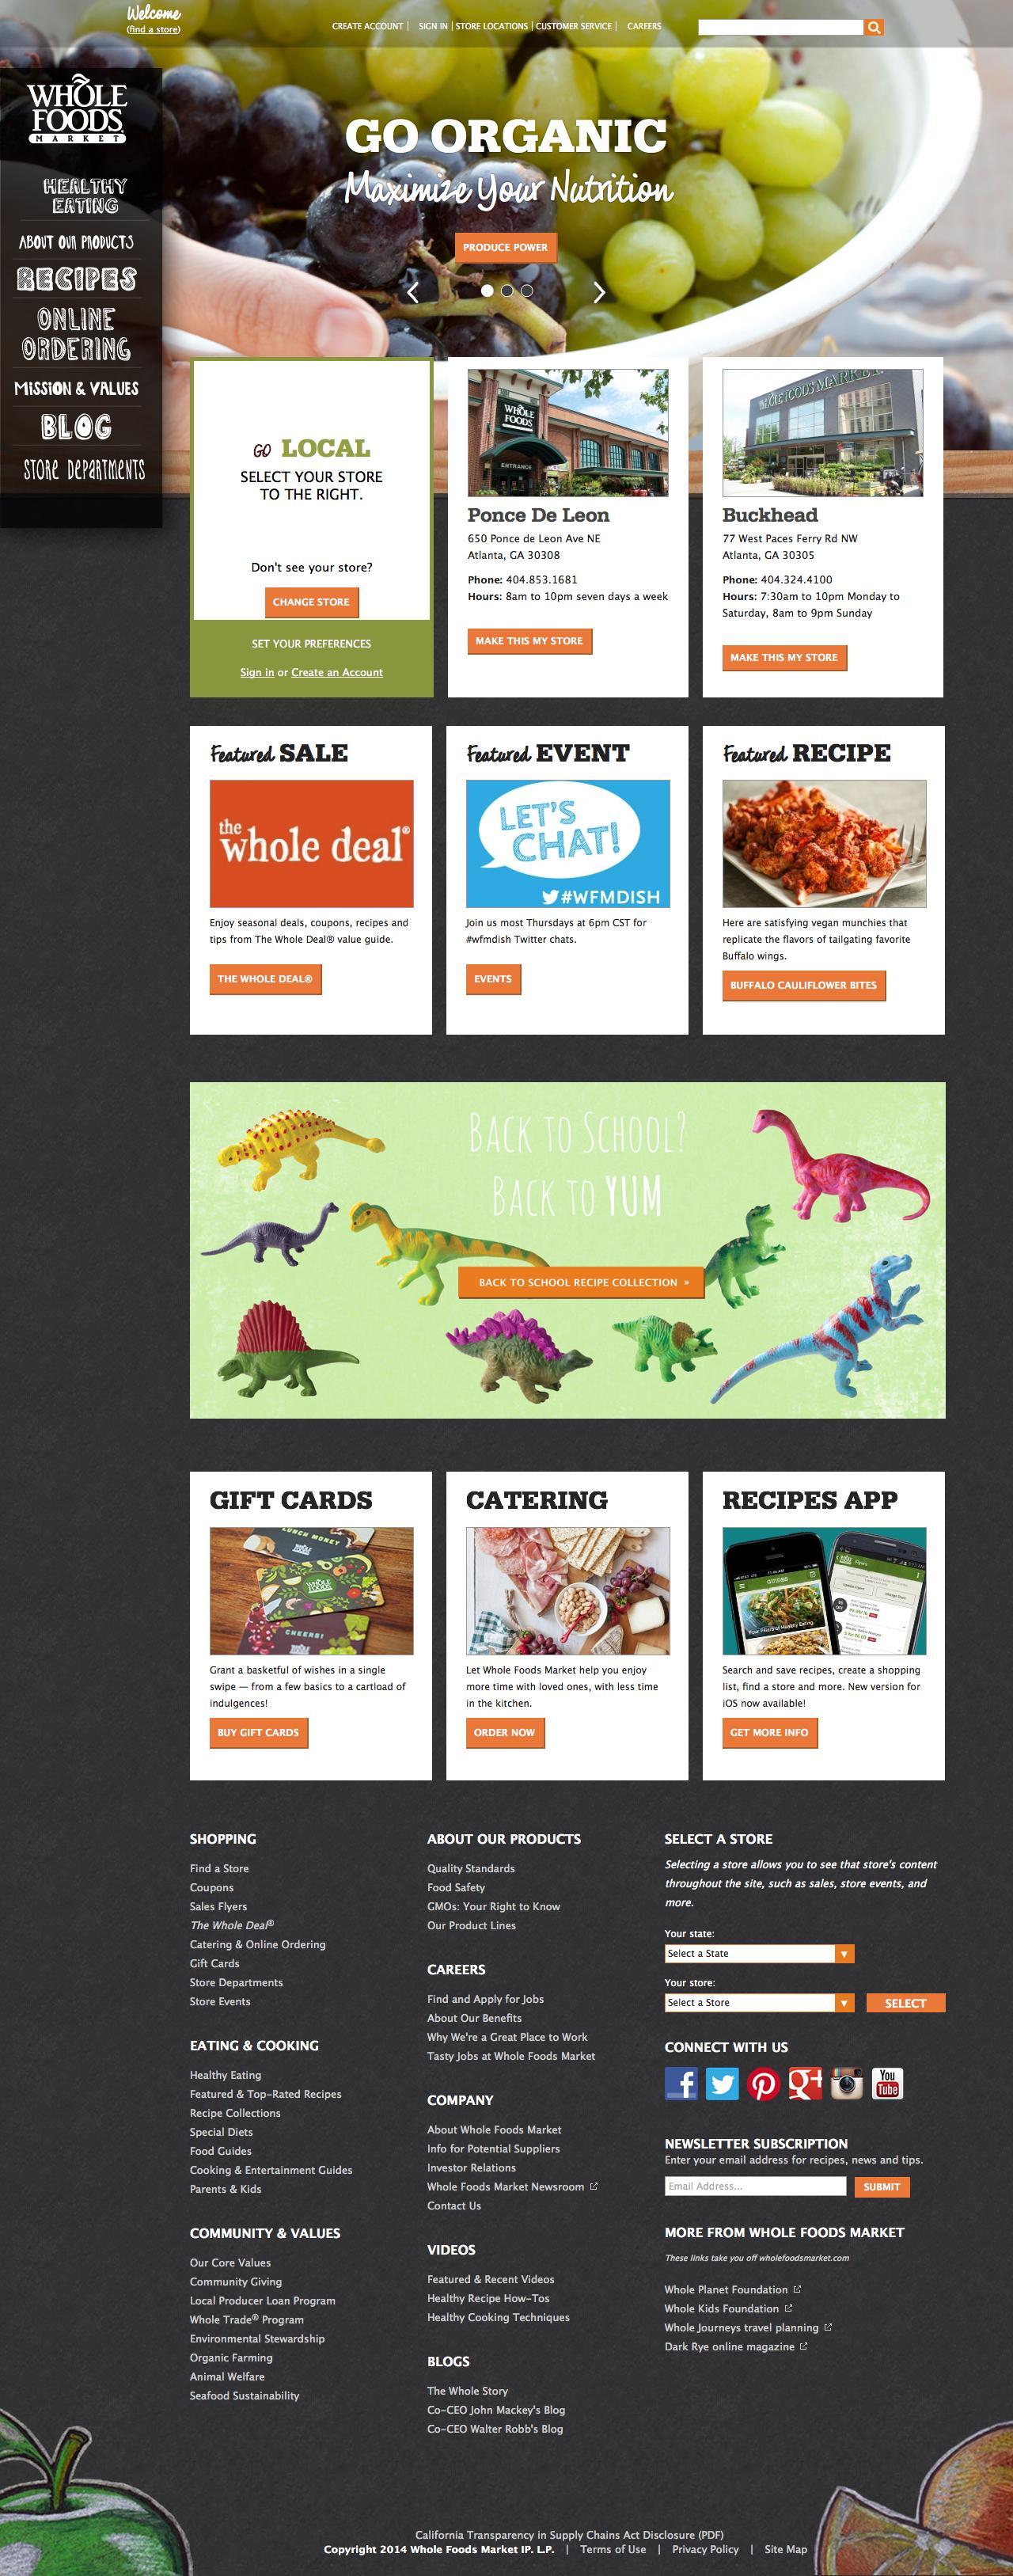 Screenshot of wholefoodsmarket.com - Whole Foods Market - captured Sept. 19, 2014